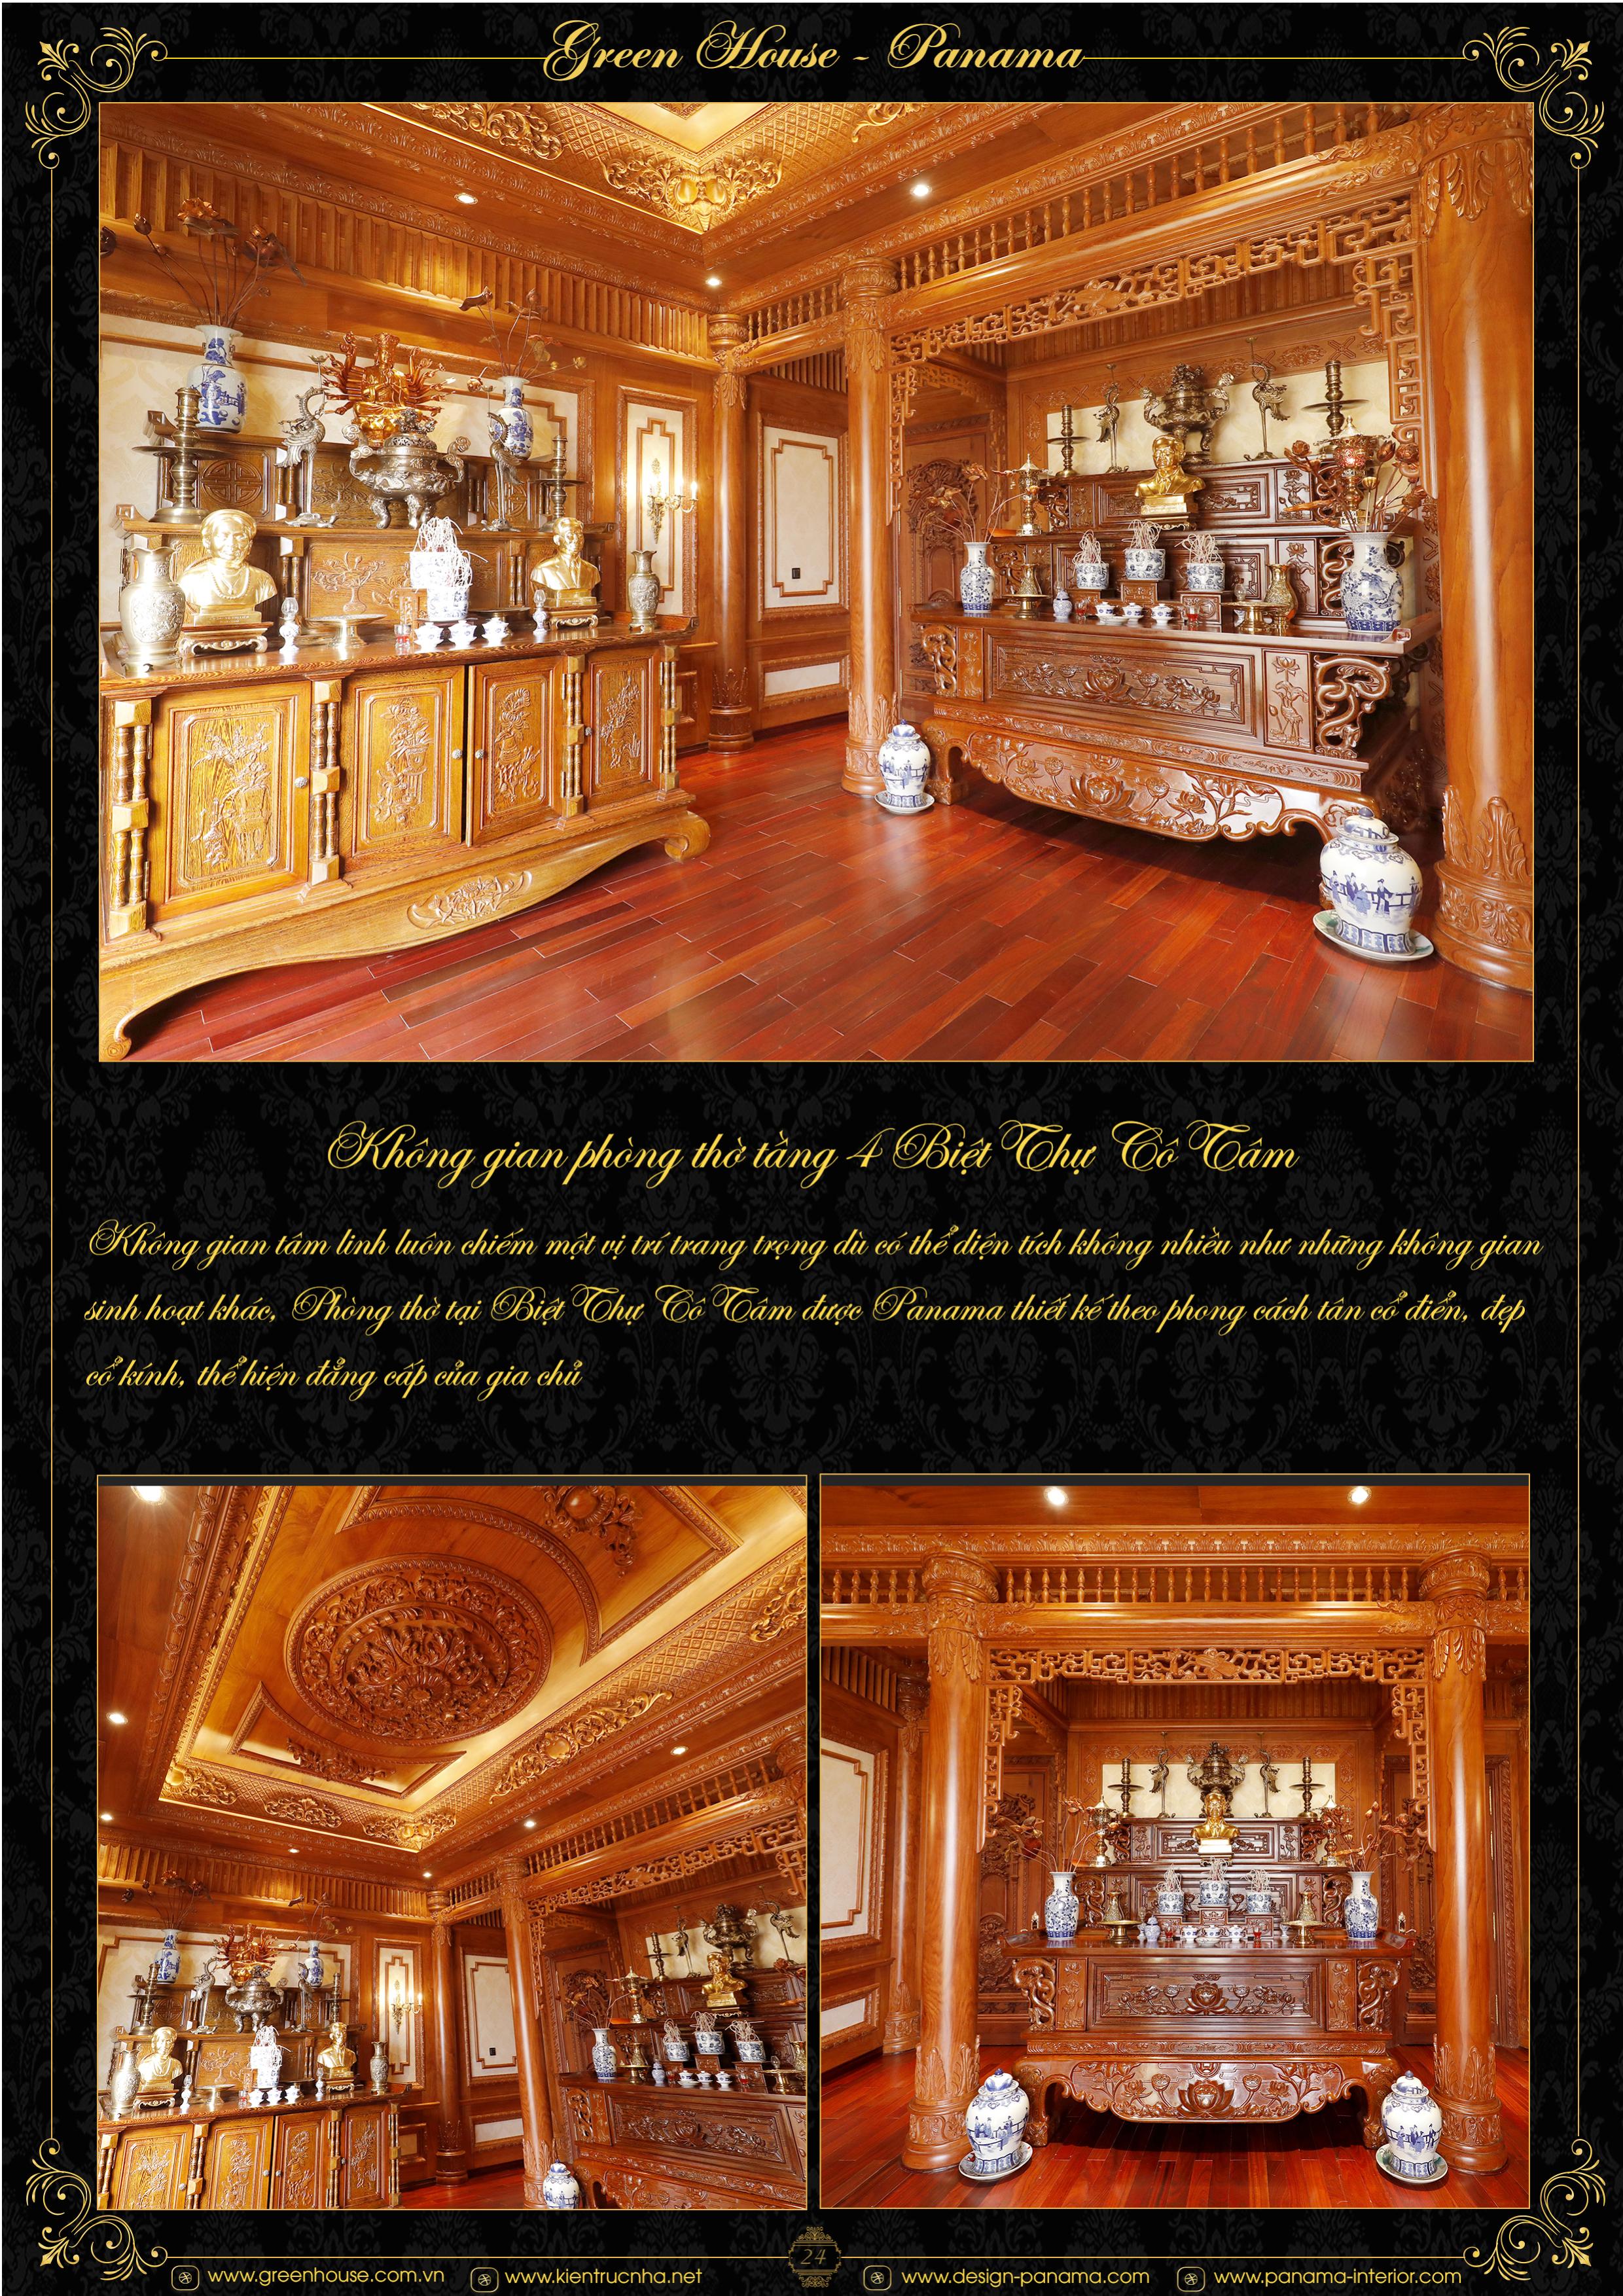 Mẫu thiết kế nội thất phòng thờ đẹp hoàn hảo tại Kiến trúc nội thất Green House - Panama